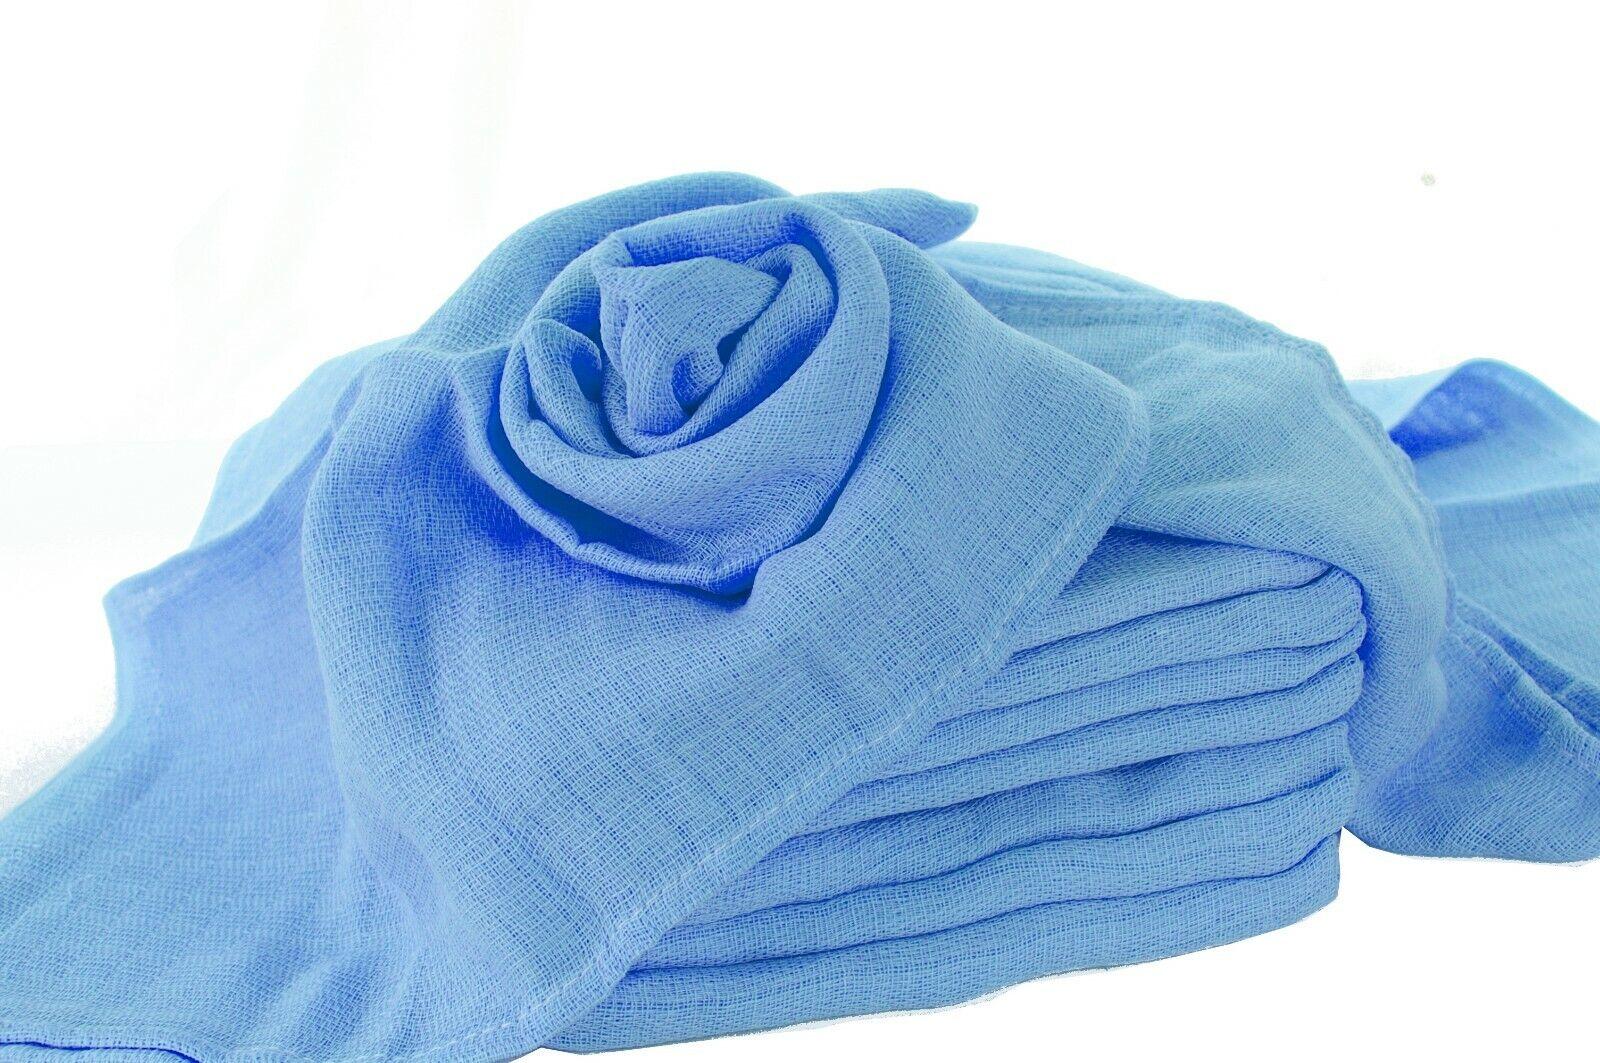 Mullwindeln blau kochfest Spucktücher Mulltücher Mulltuch Spucktuch